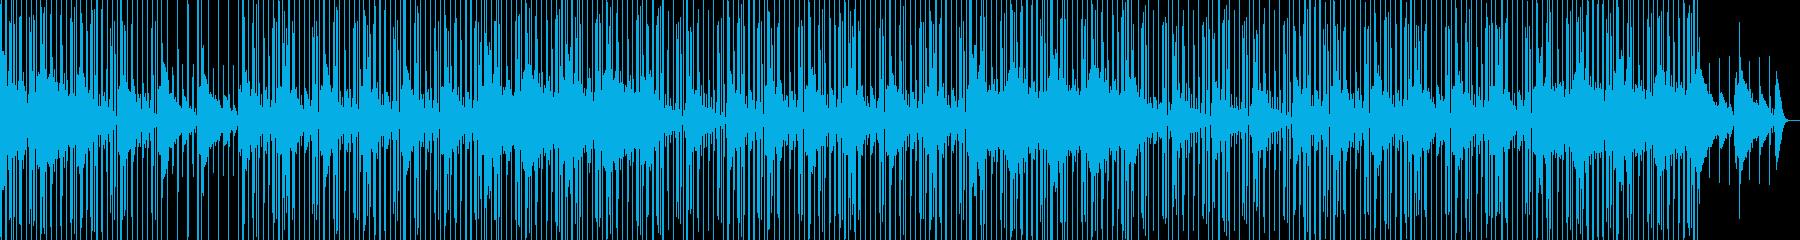 不気味の再生済みの波形